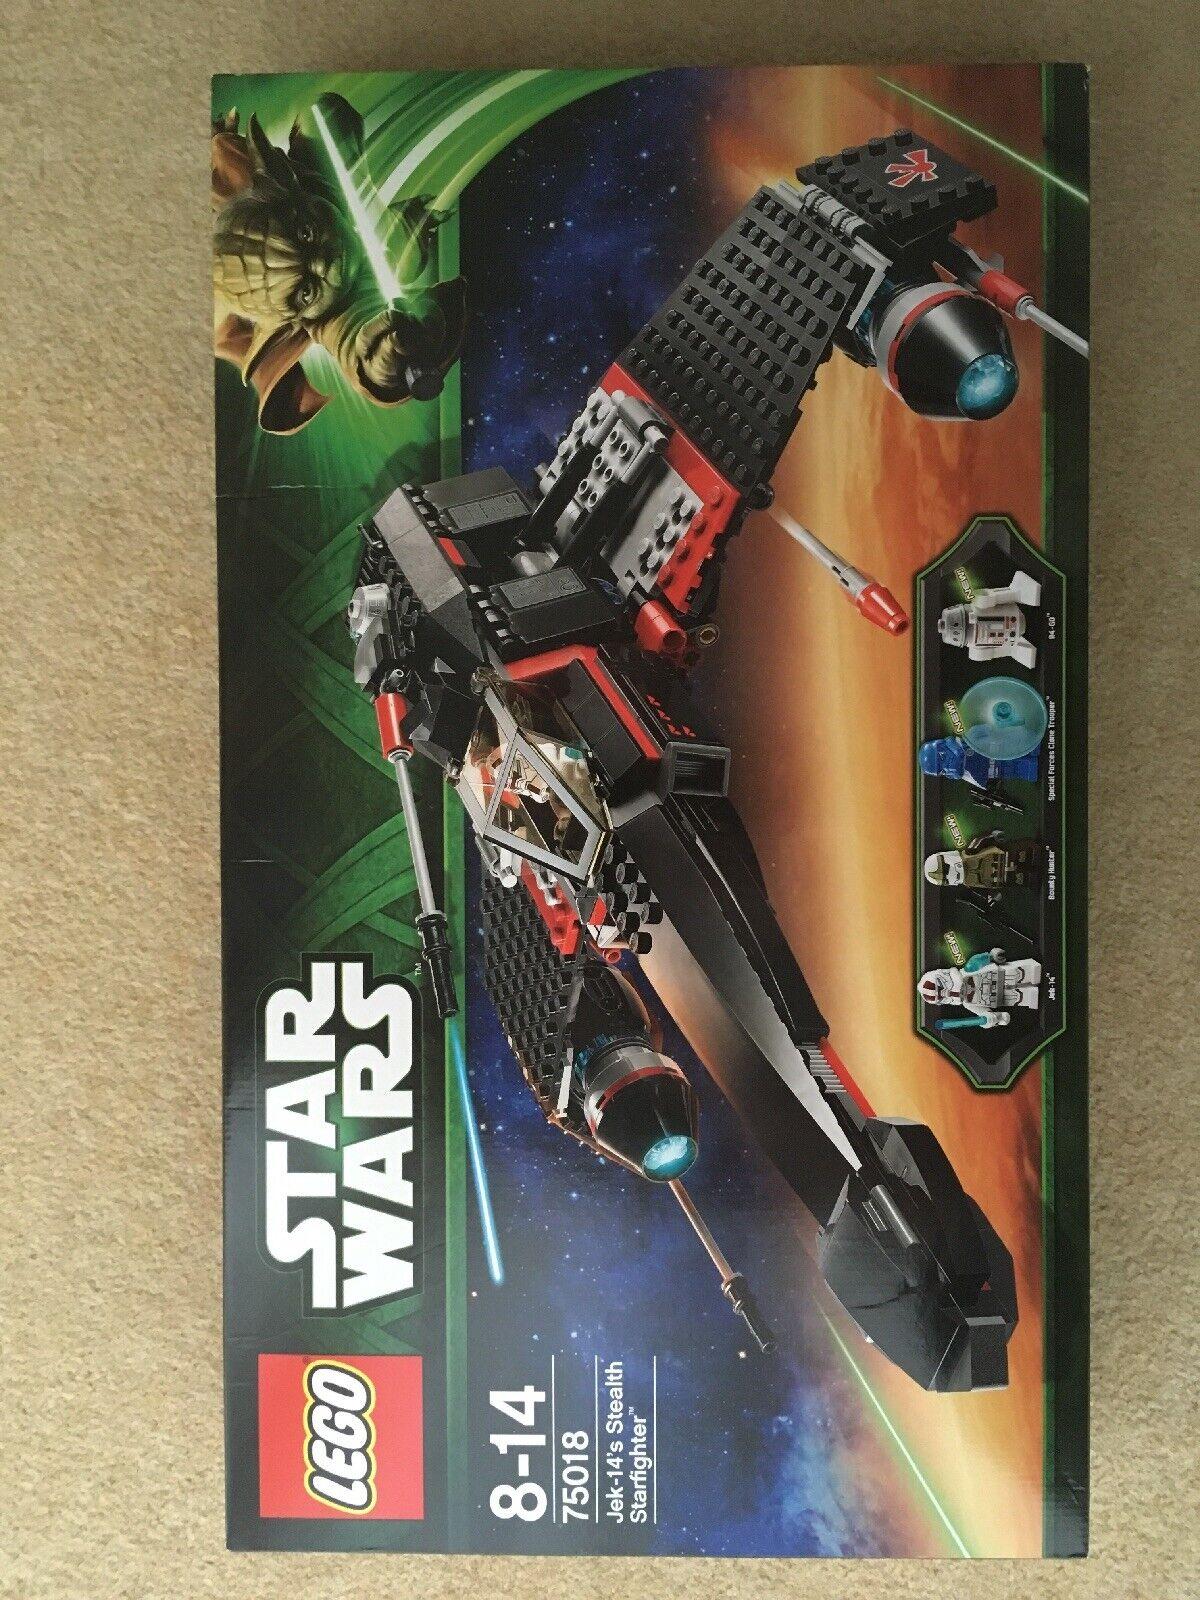 Lego Stern wars - 75018 JEK-14's Stealth Sternfighter - 2013 Set - BNISB